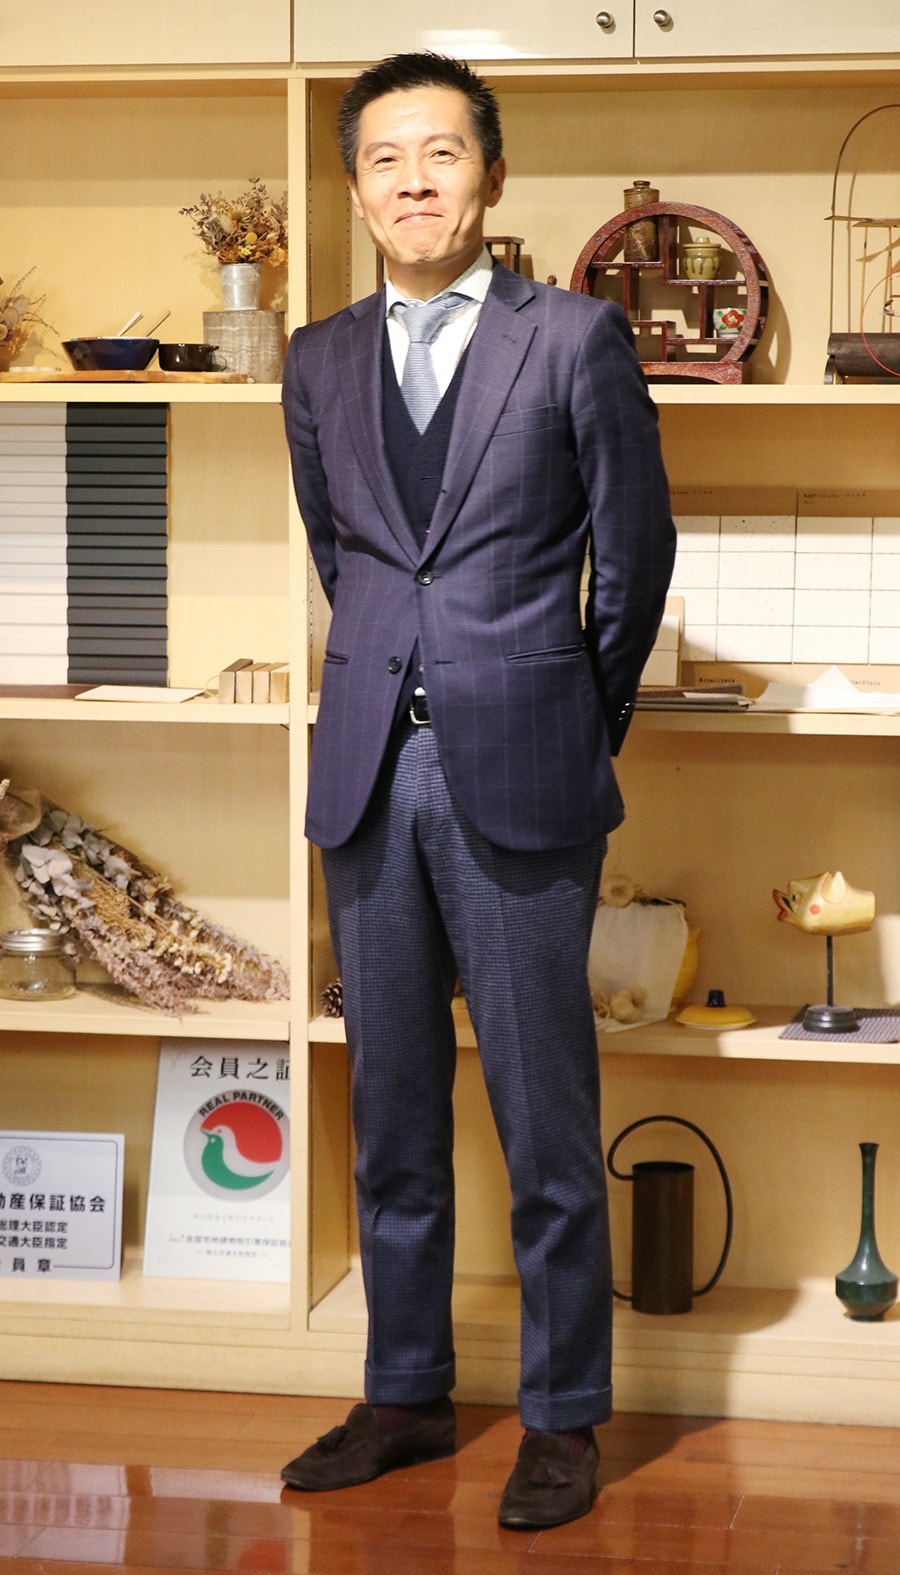 笑顔の岡田裕樹